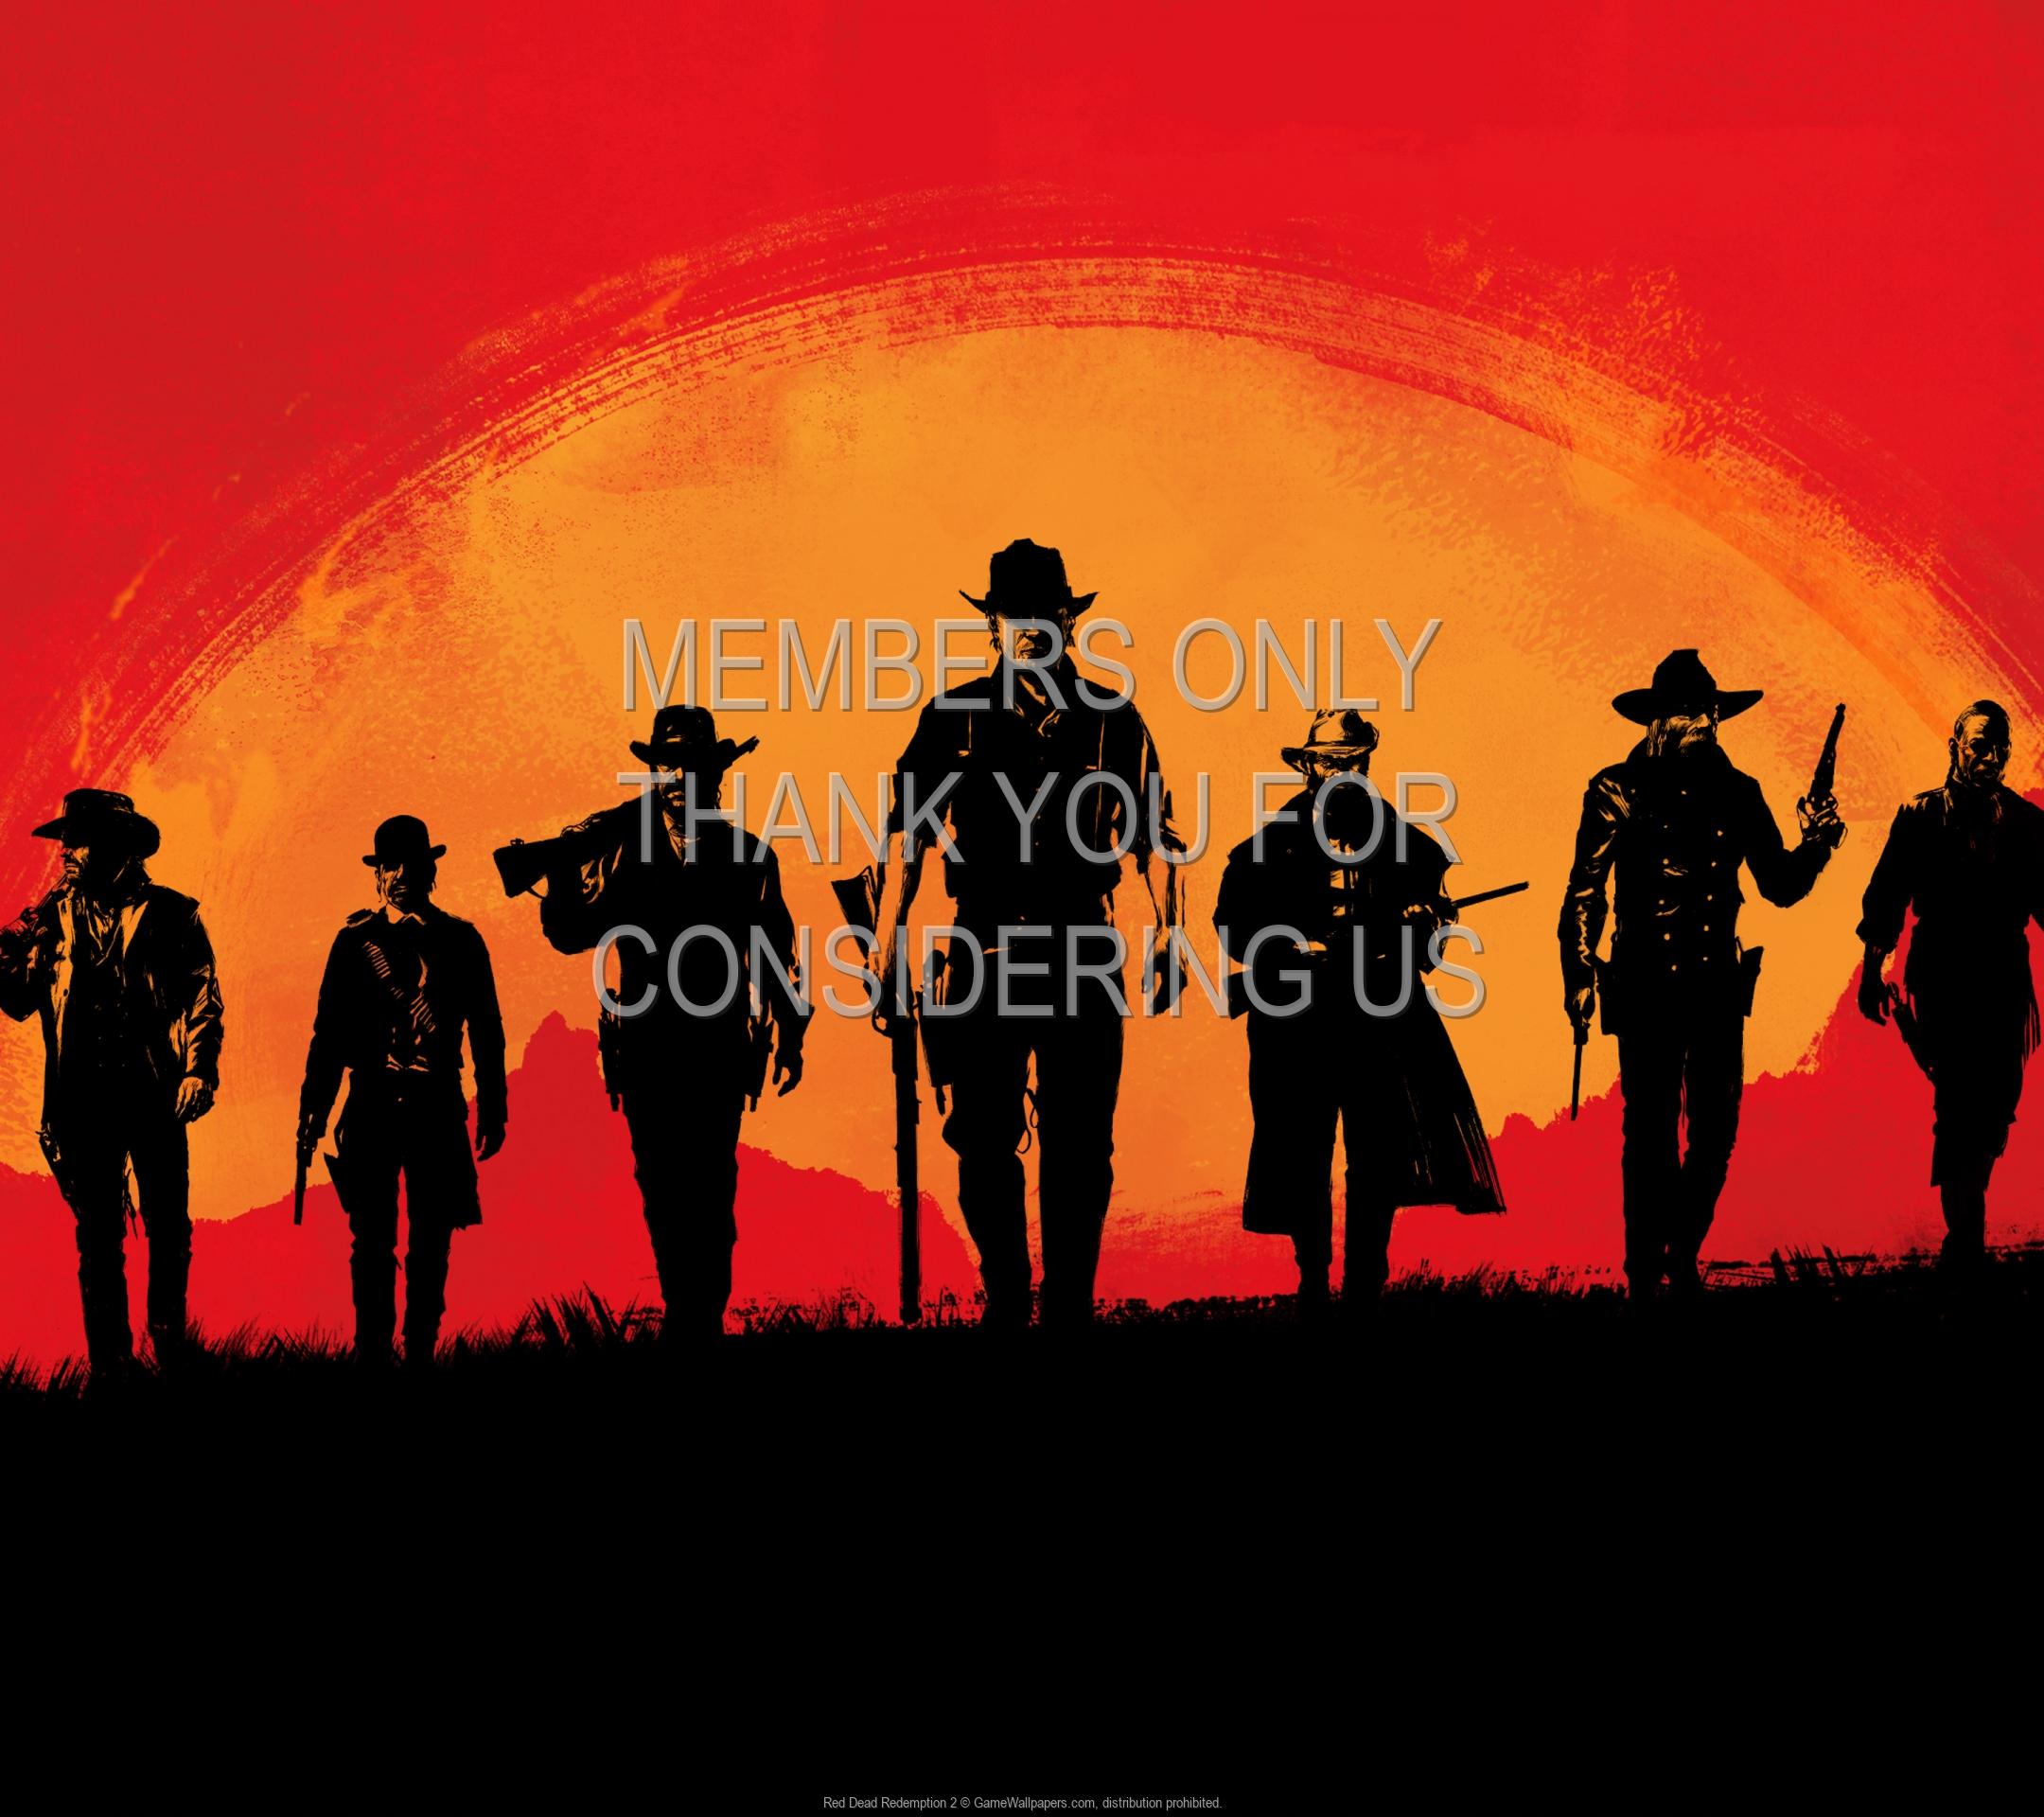 Red Dead Redemption 2 Fondo De Escritorio 01 1920x1080